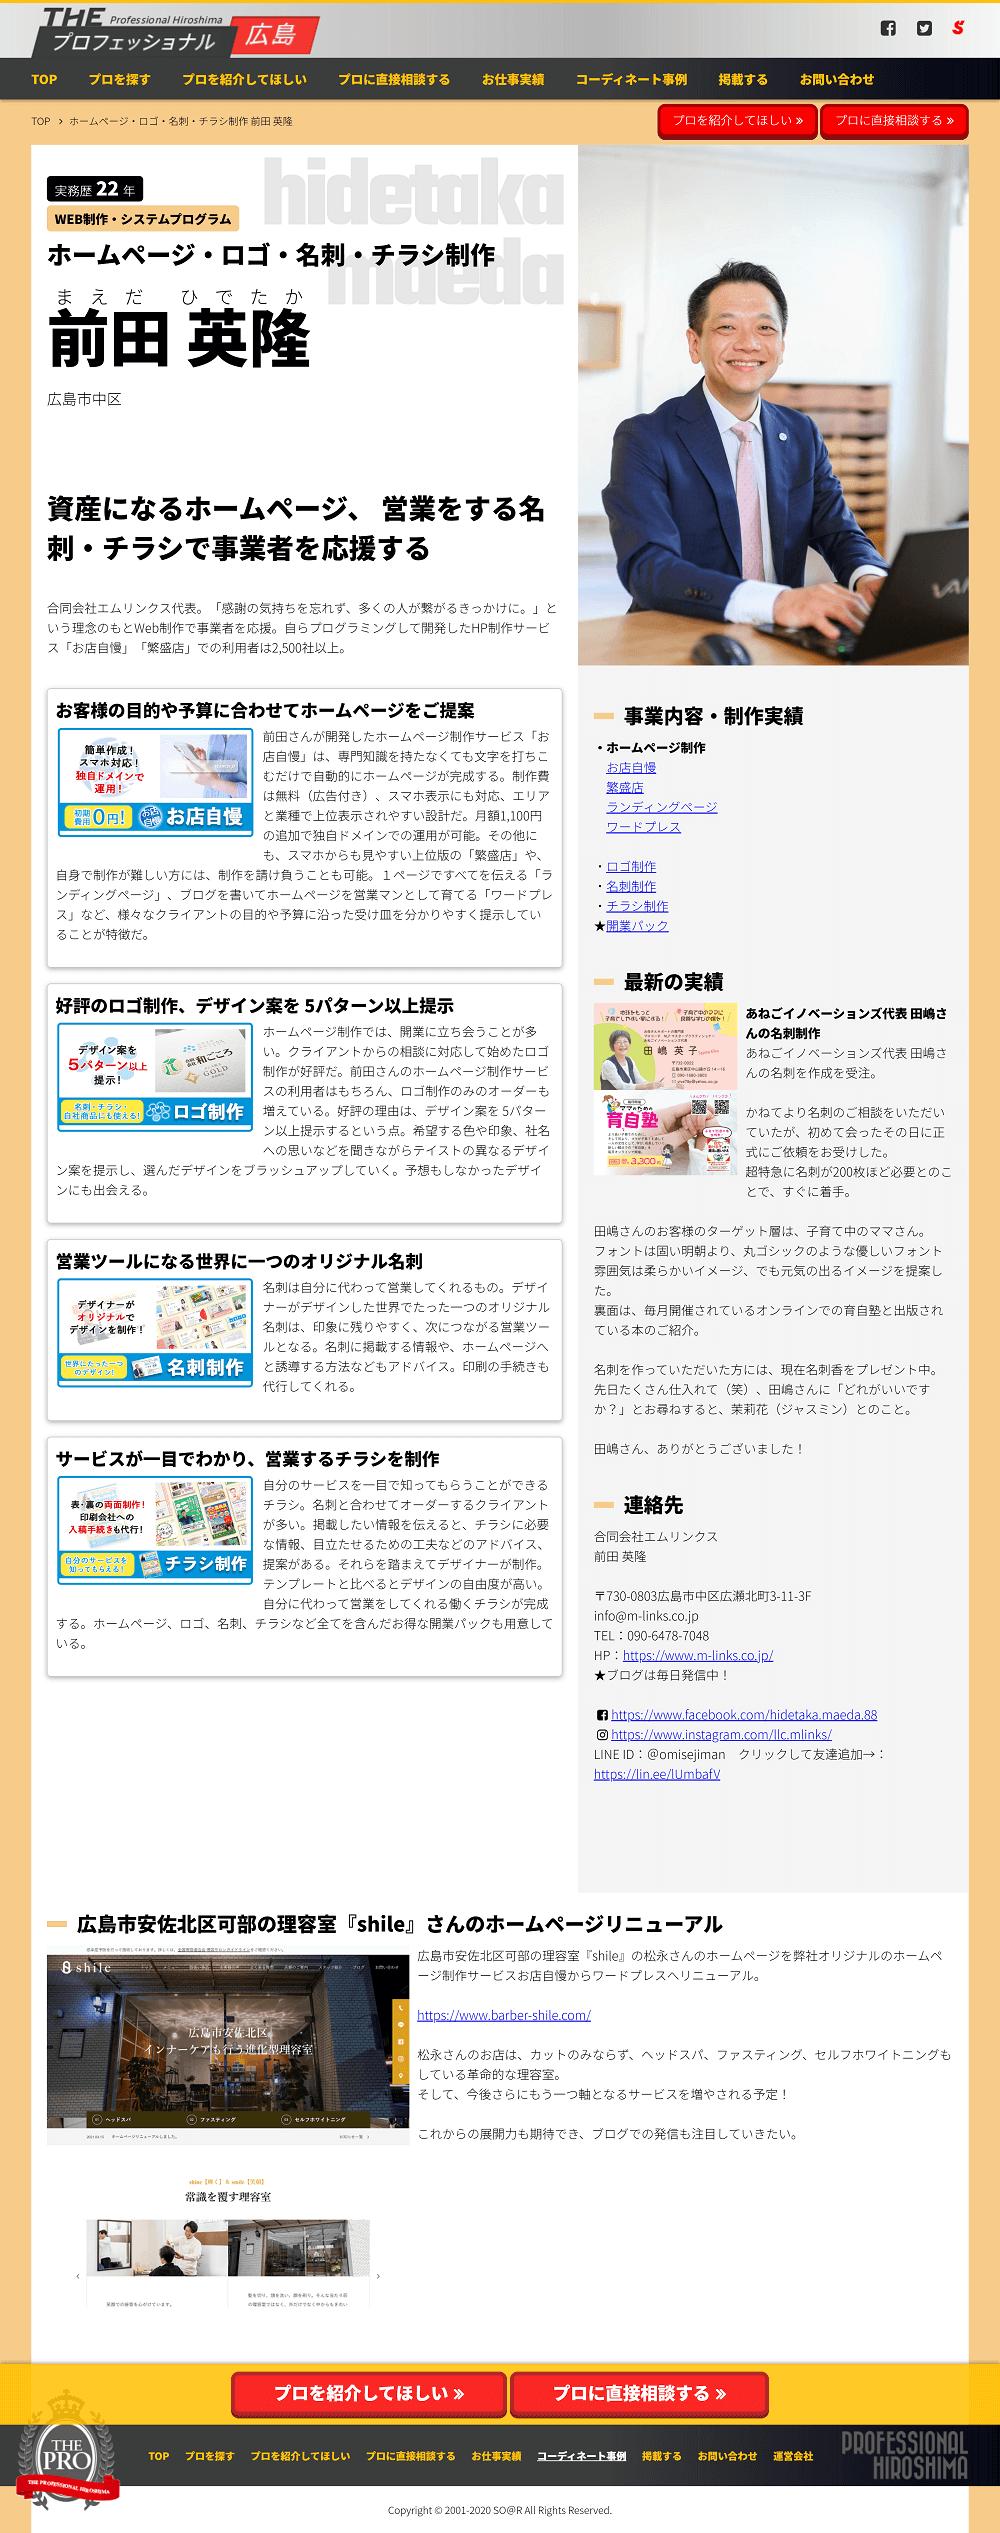 ソアラサービス THE プロフェッショナル広島